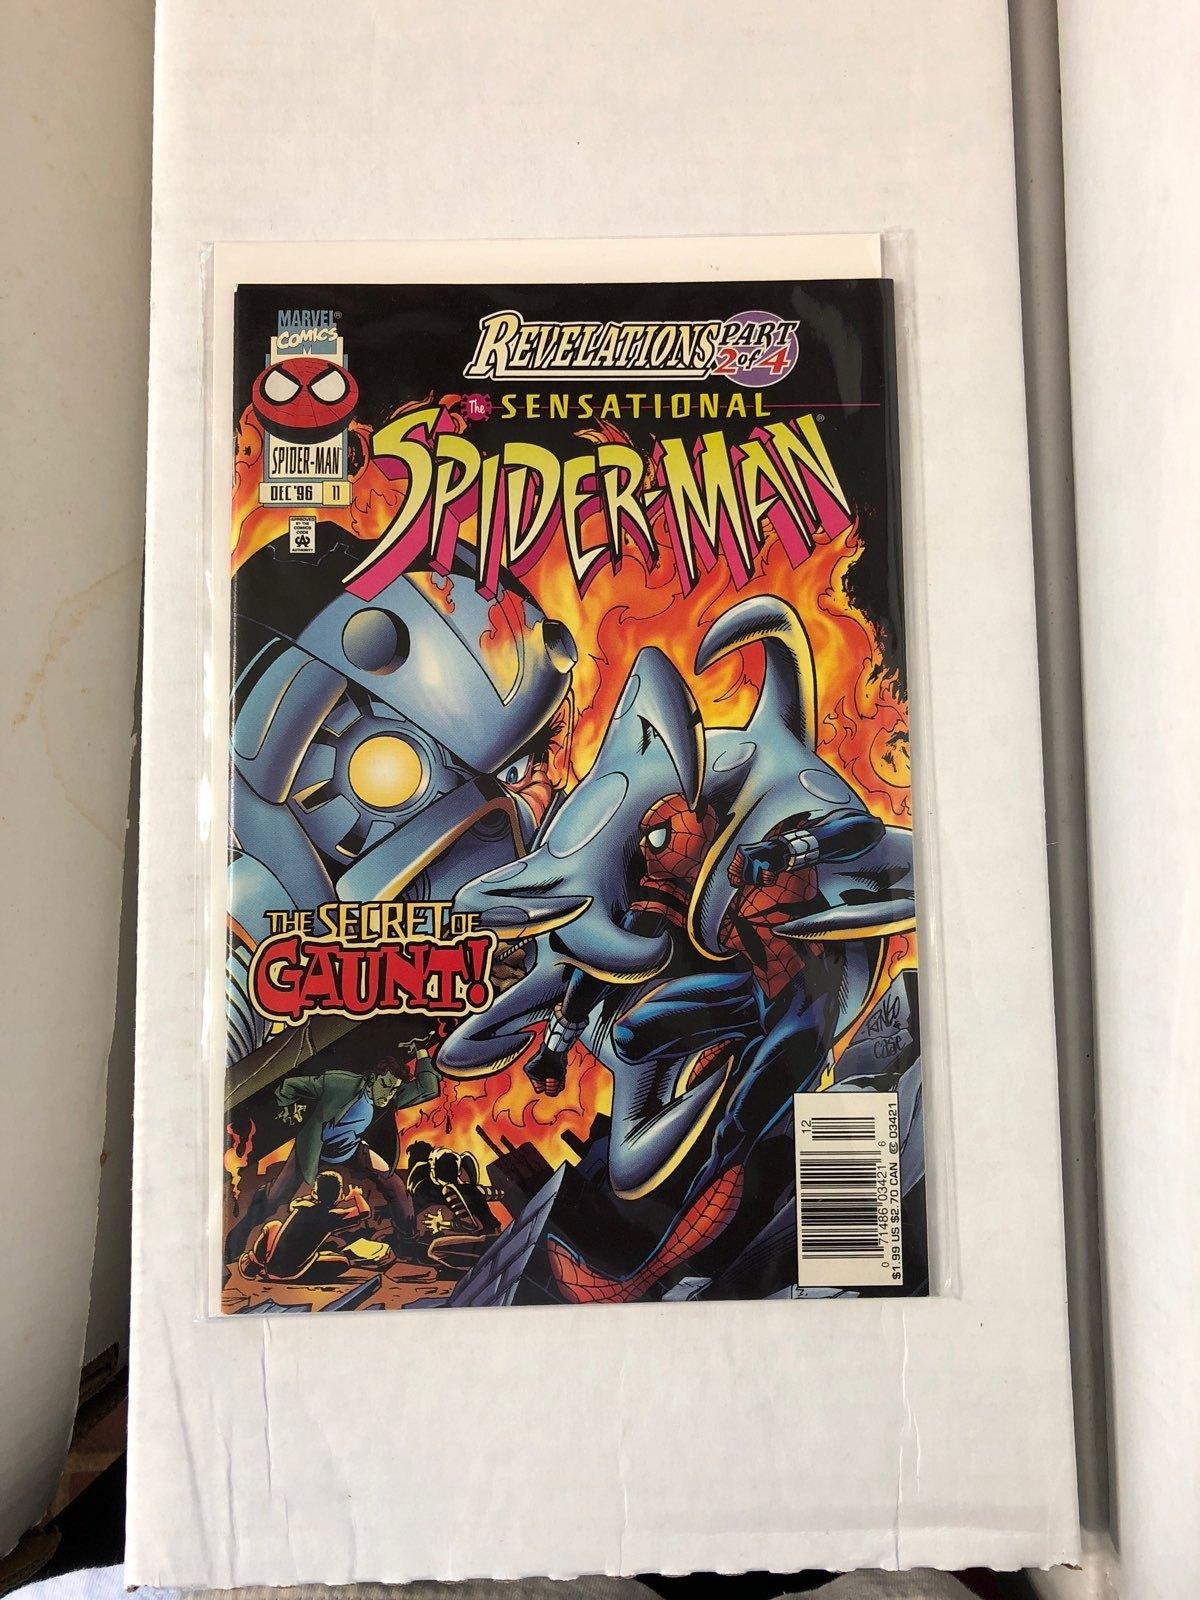 Sensational Spider-Man #11